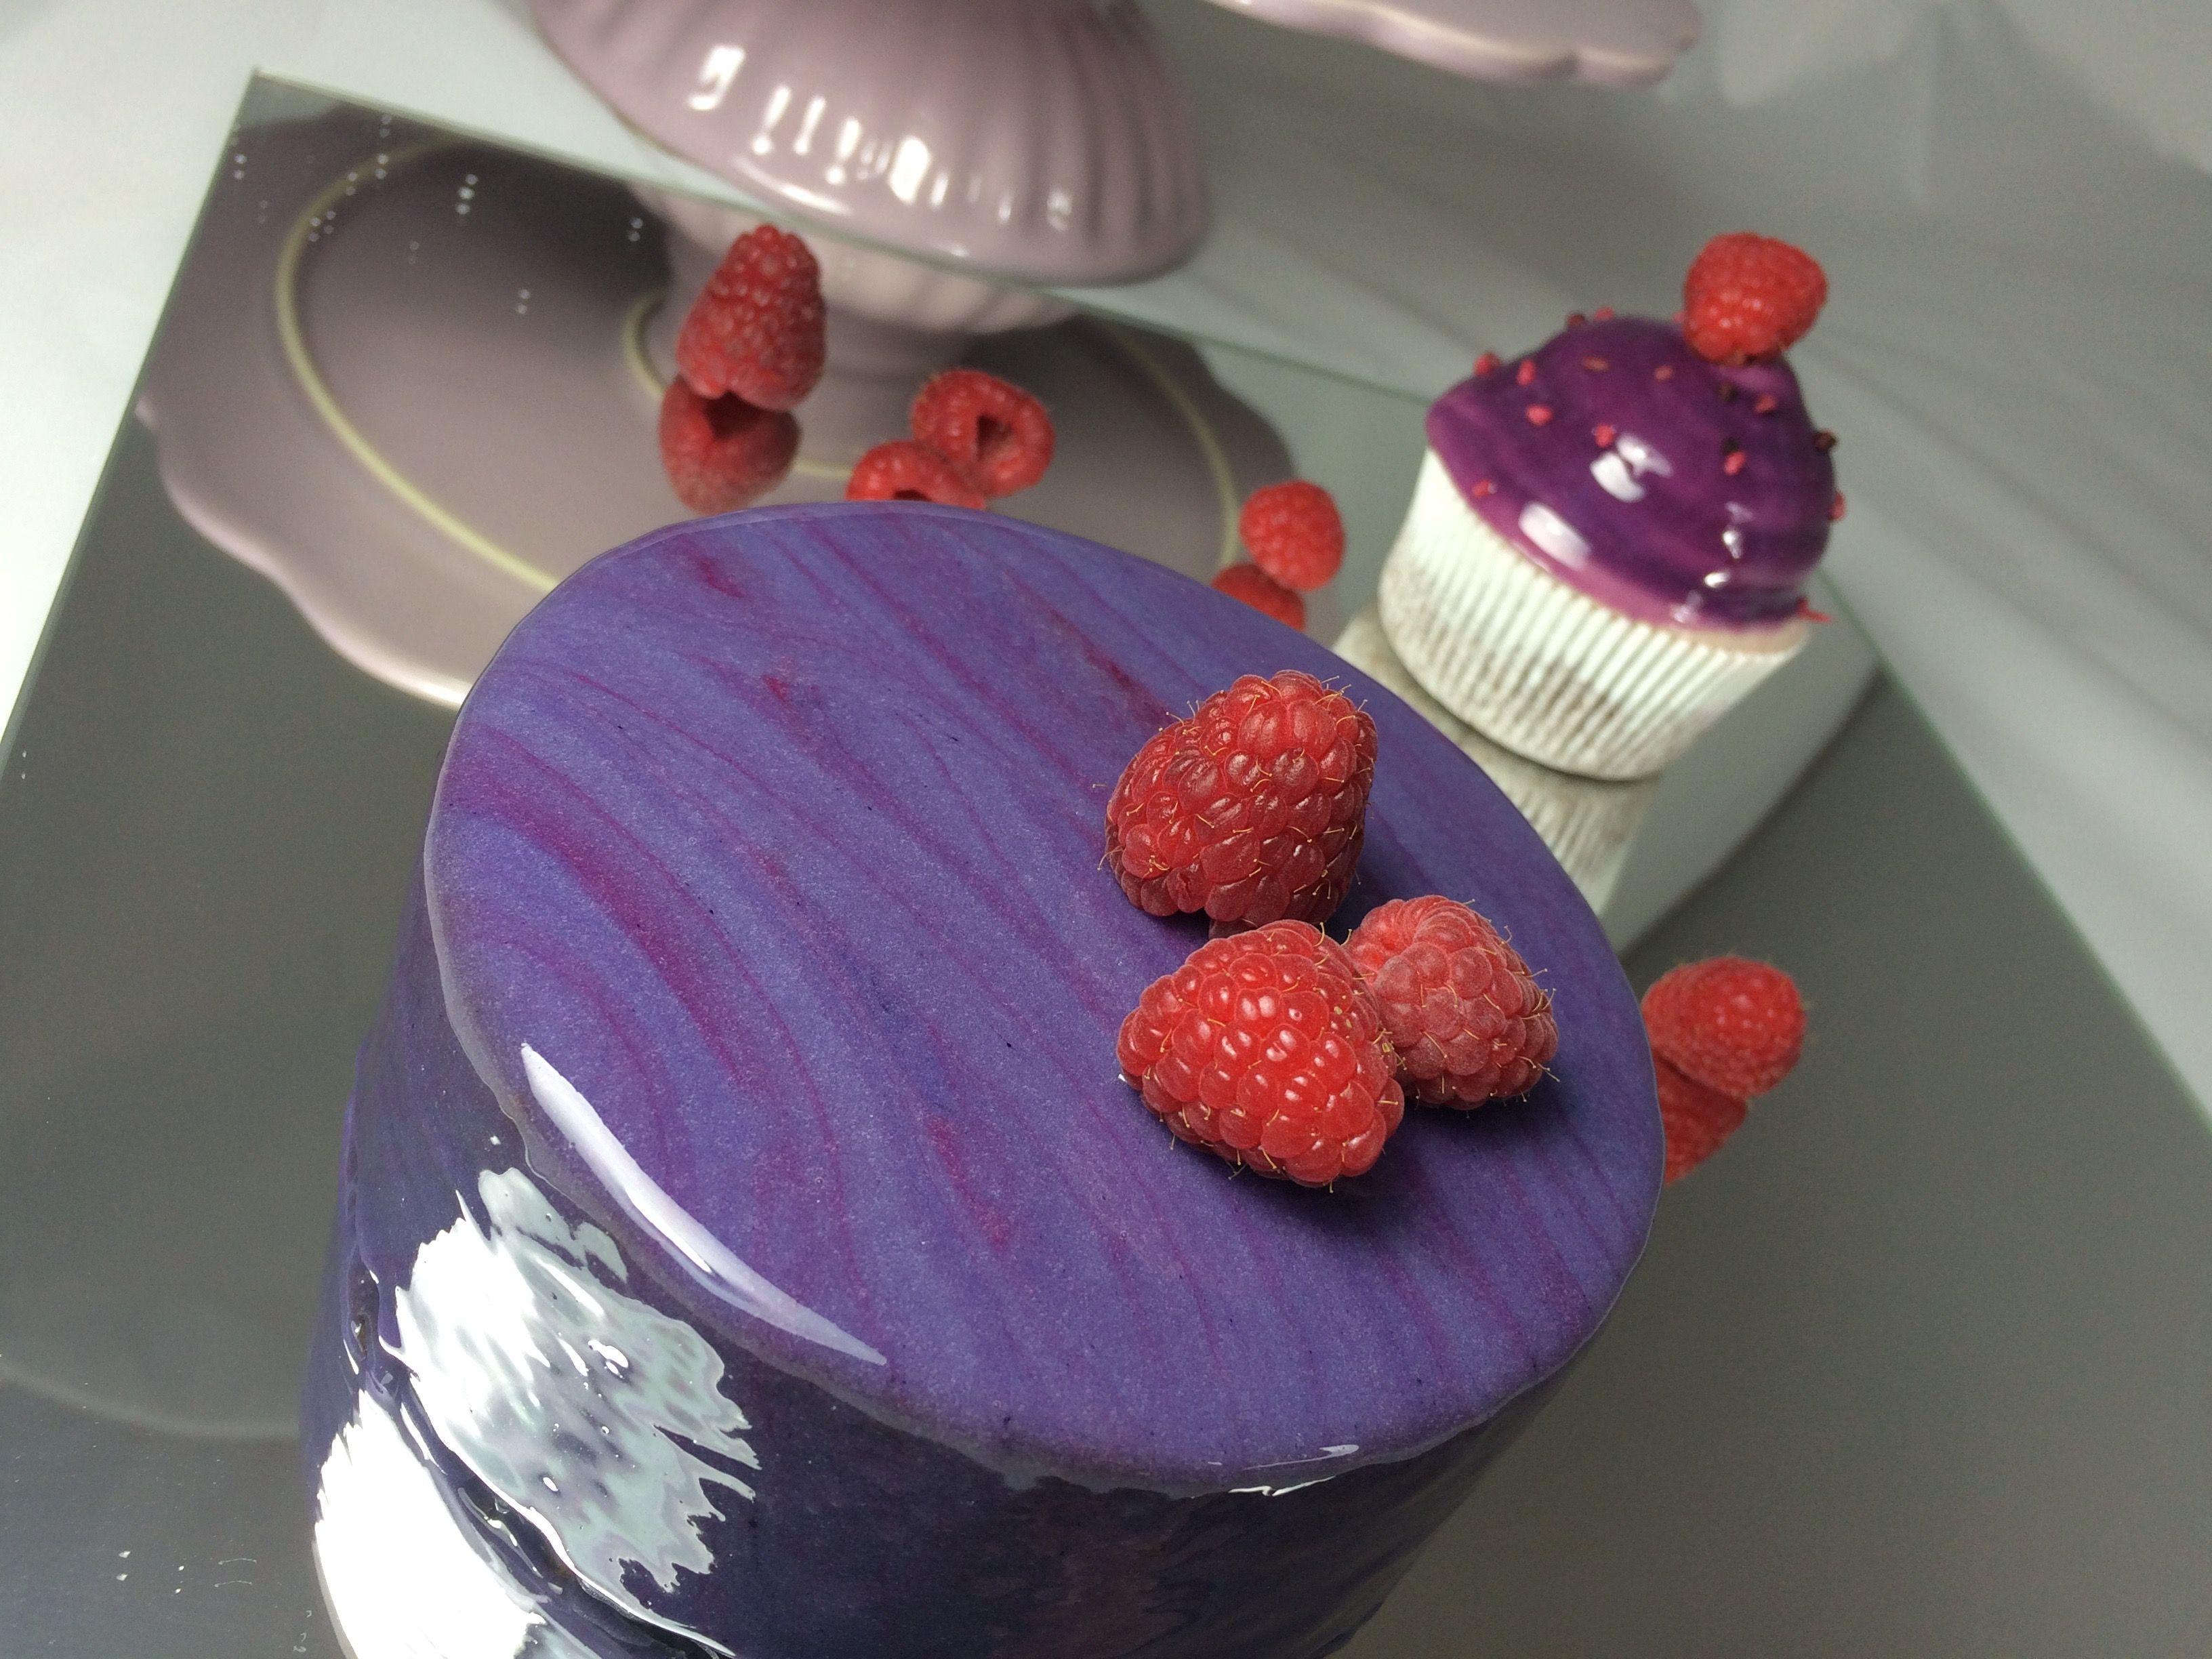 Mirror glaze torte füllung